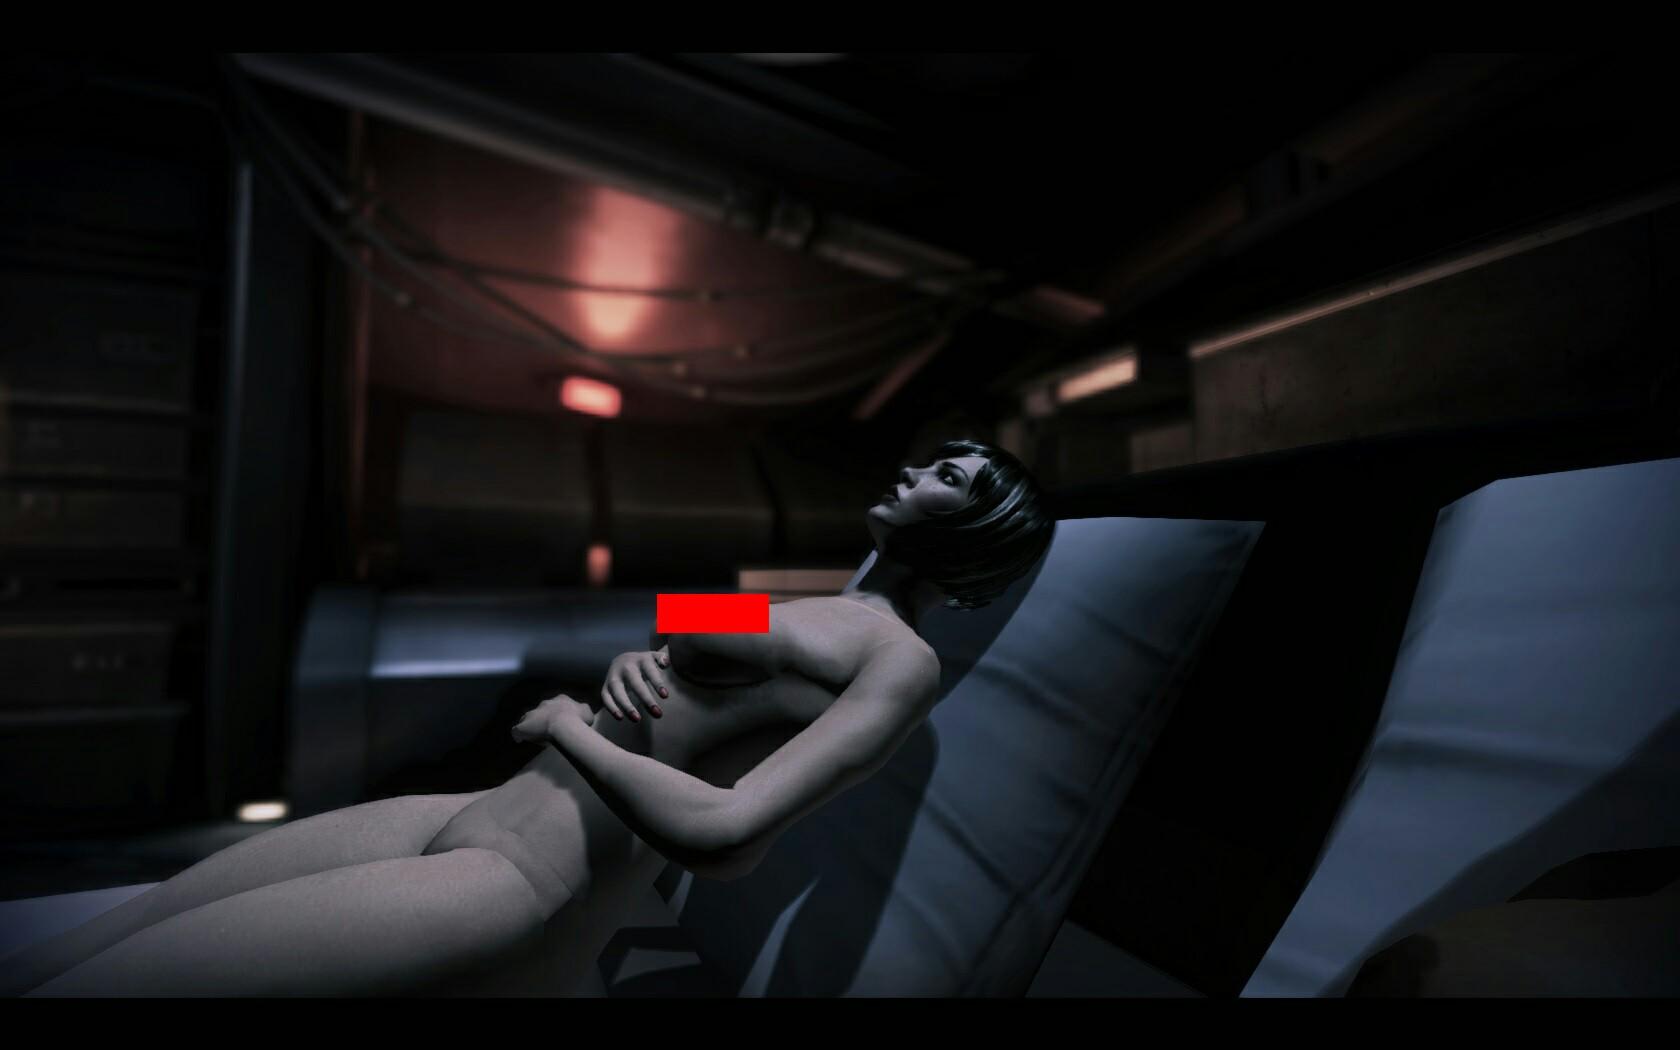 Nud mod для масс эффект 3 erotic clips